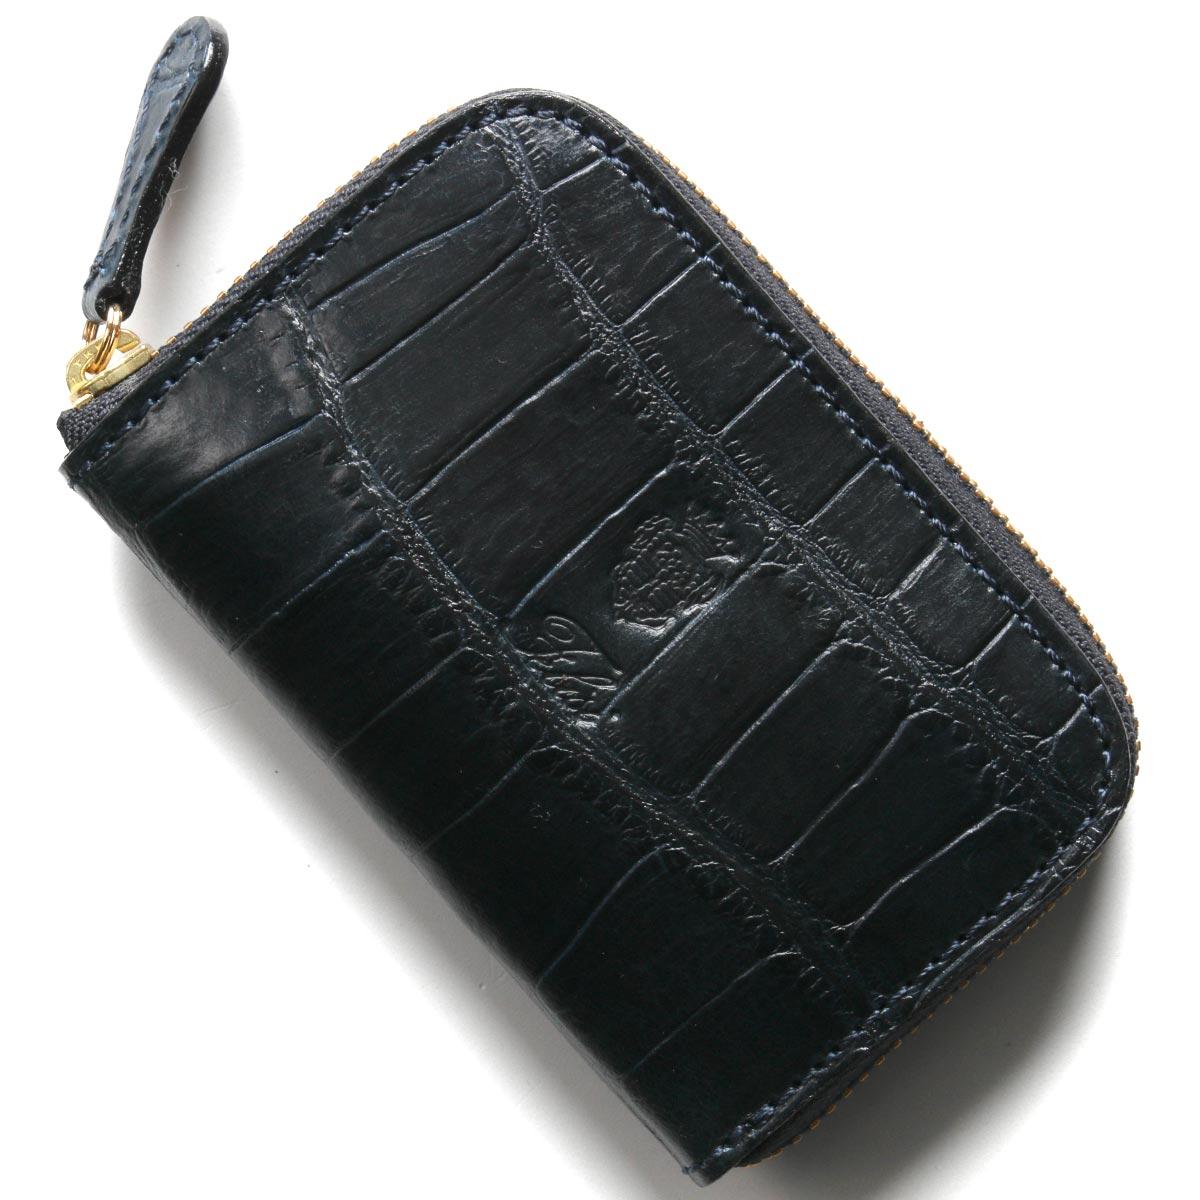 フェリージ コインケース(小銭入れ) 財布 メンズ クロコ型押し ネイビーブルー 166 SA 0005 FELISI